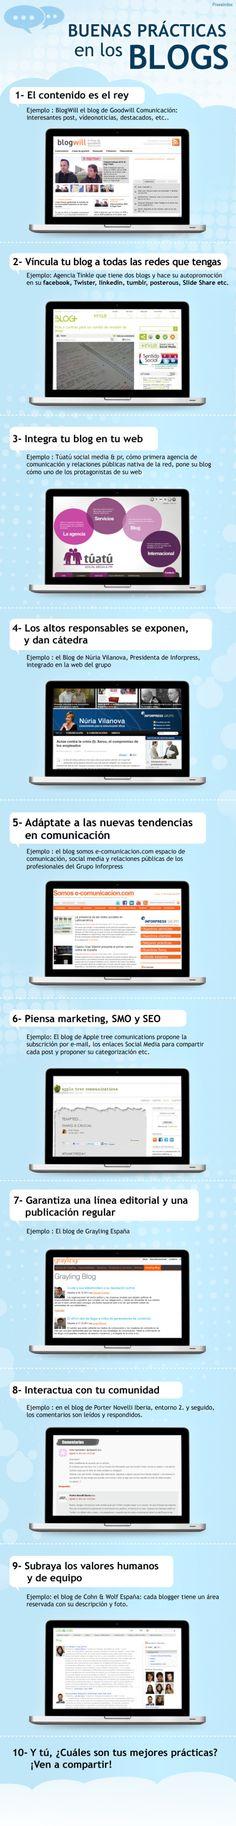 9 buenas prácticas en los blogs #socialmedia #blogger #socialmarketing